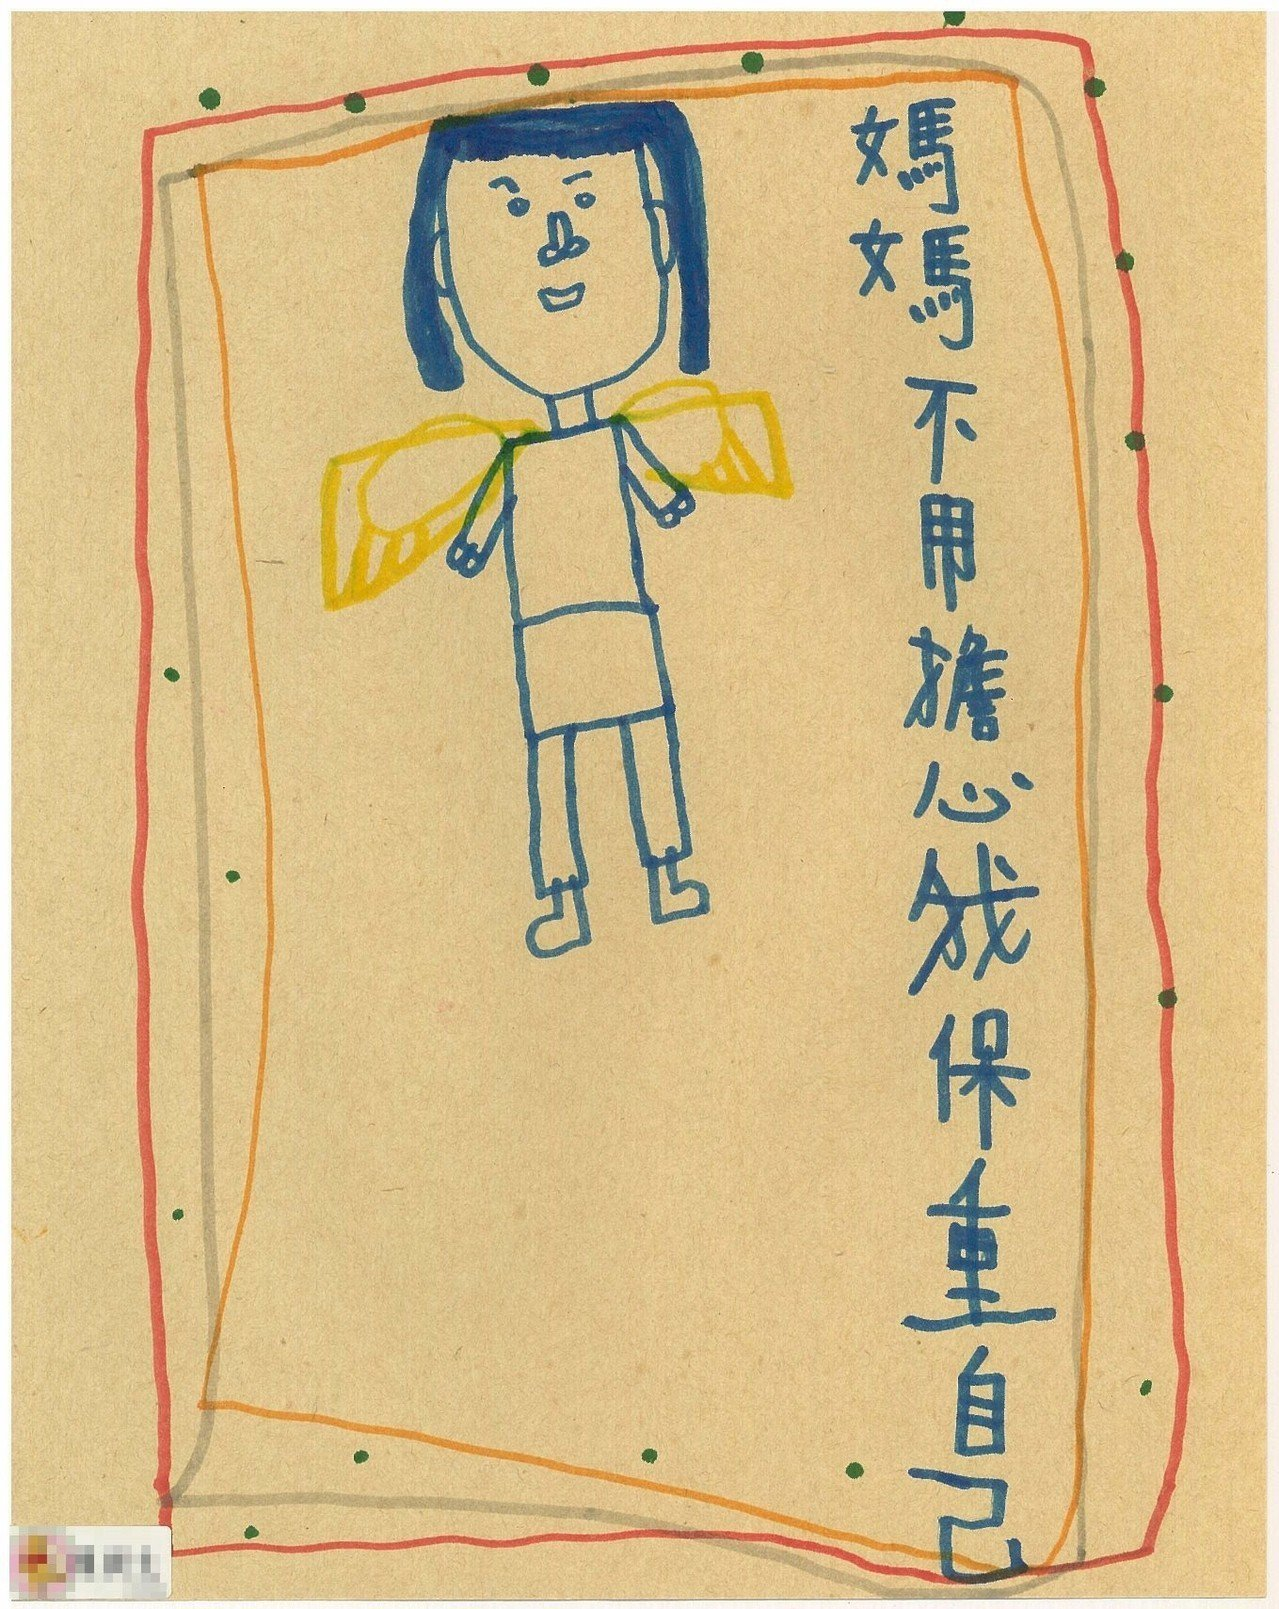 憨兒阿生也對經濟方面一直有很強的不安全感,在母親節的畫畫課中寫著「媽媽不用擔心我...